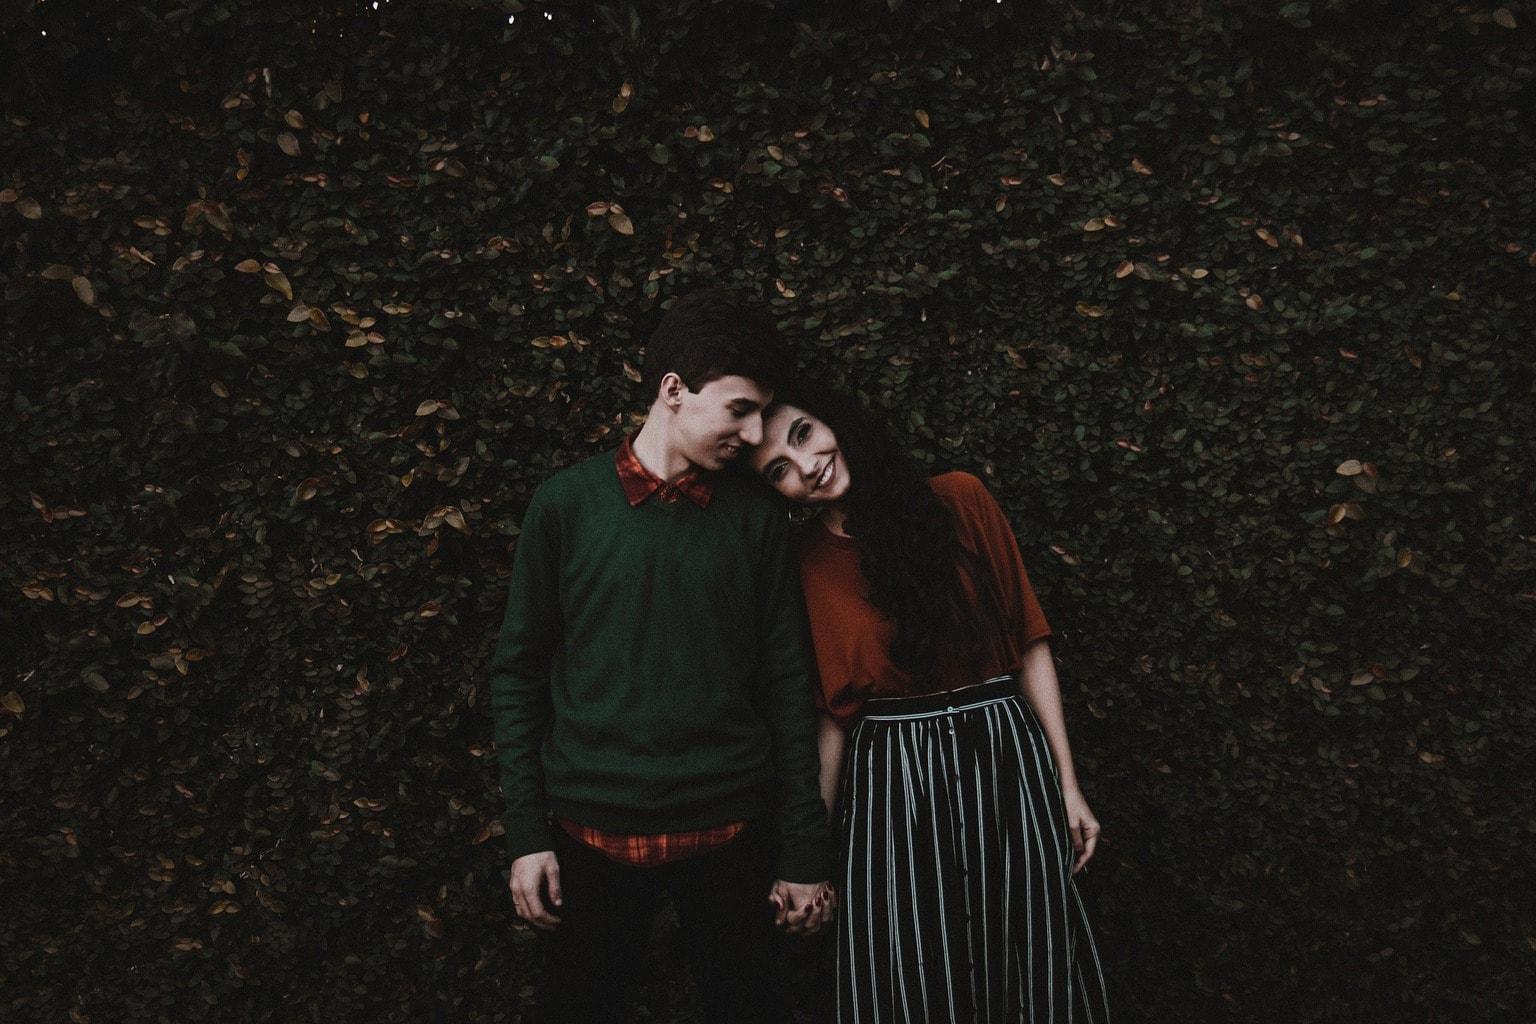 fotografía de una pareja sonríendo